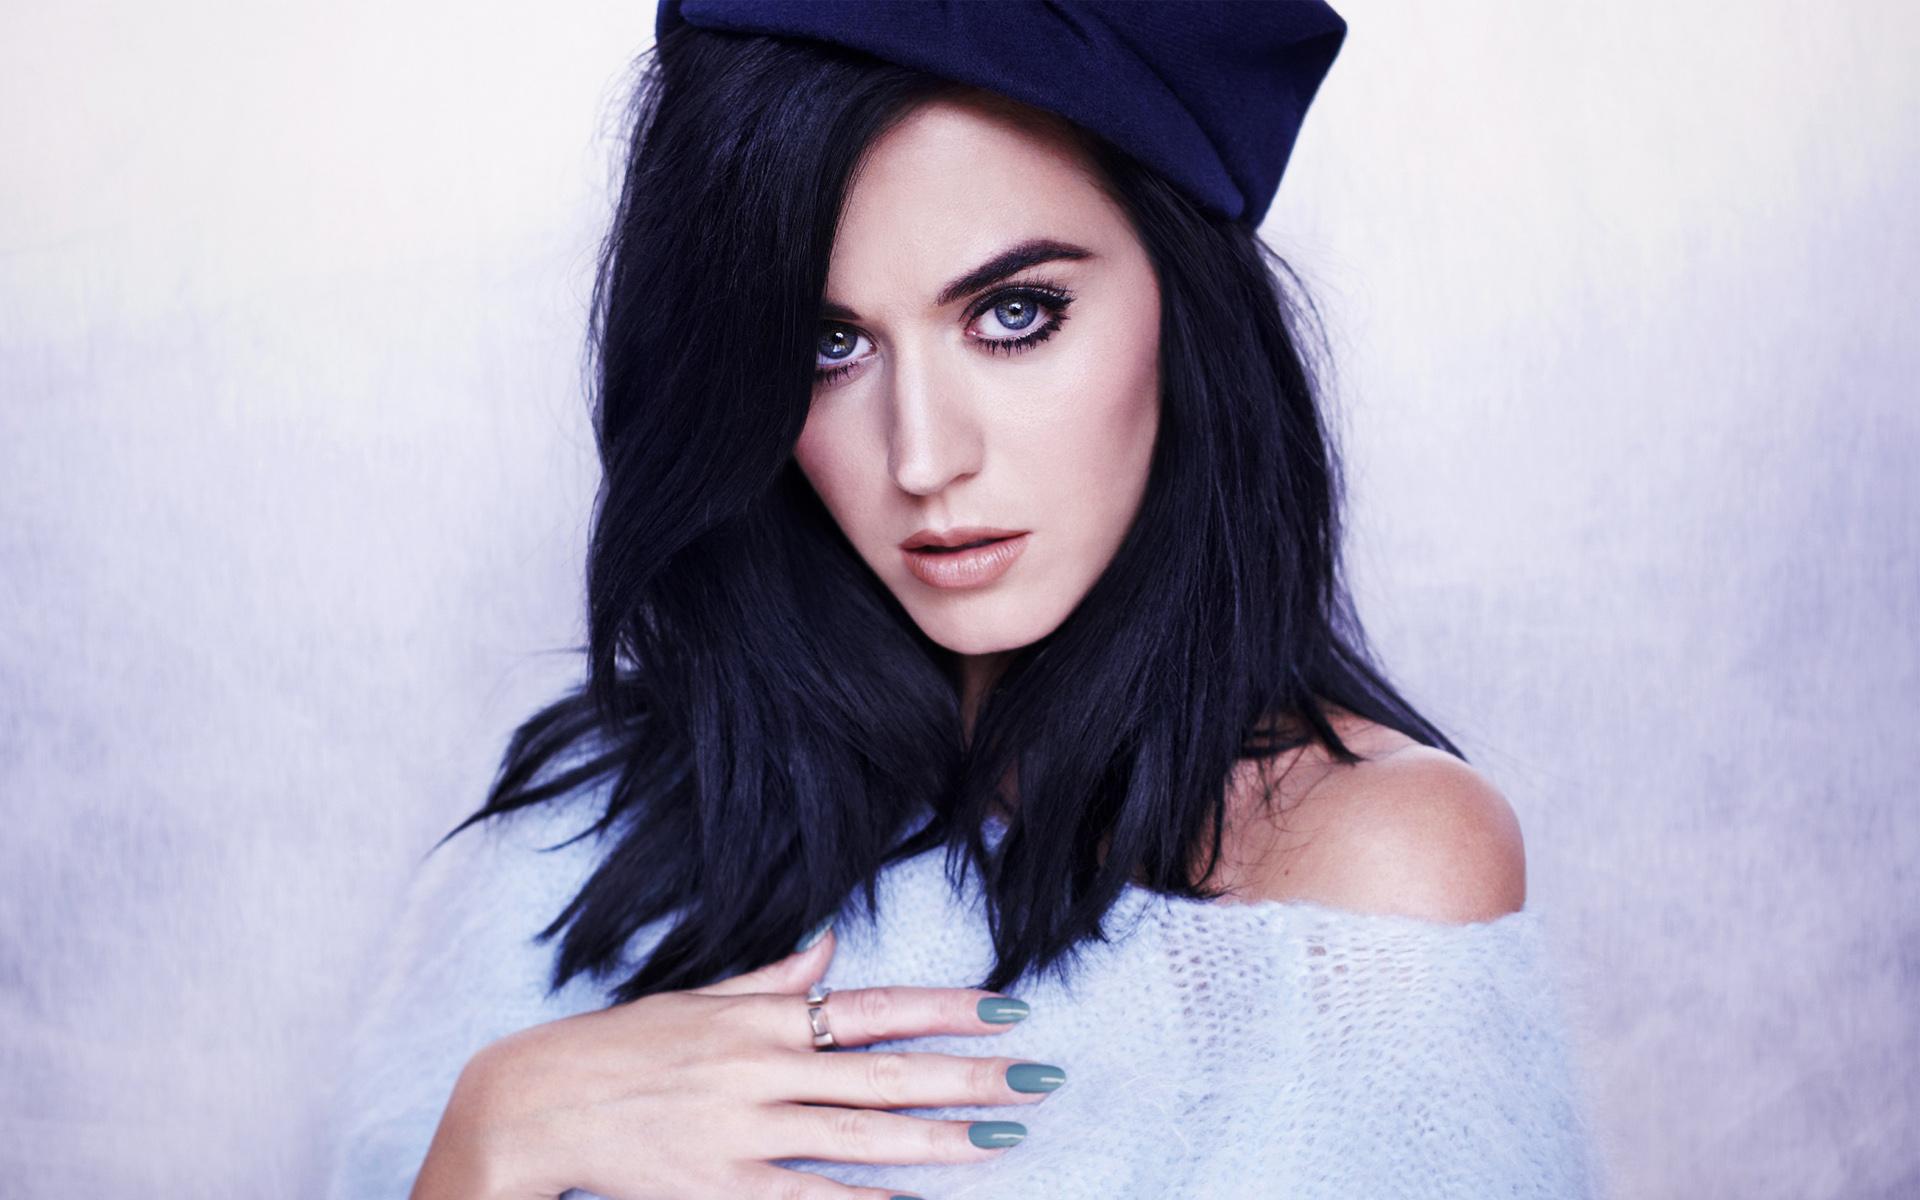 6 Fakta tentang Twitter Katy Perry dengan follower terbanyak di dunia